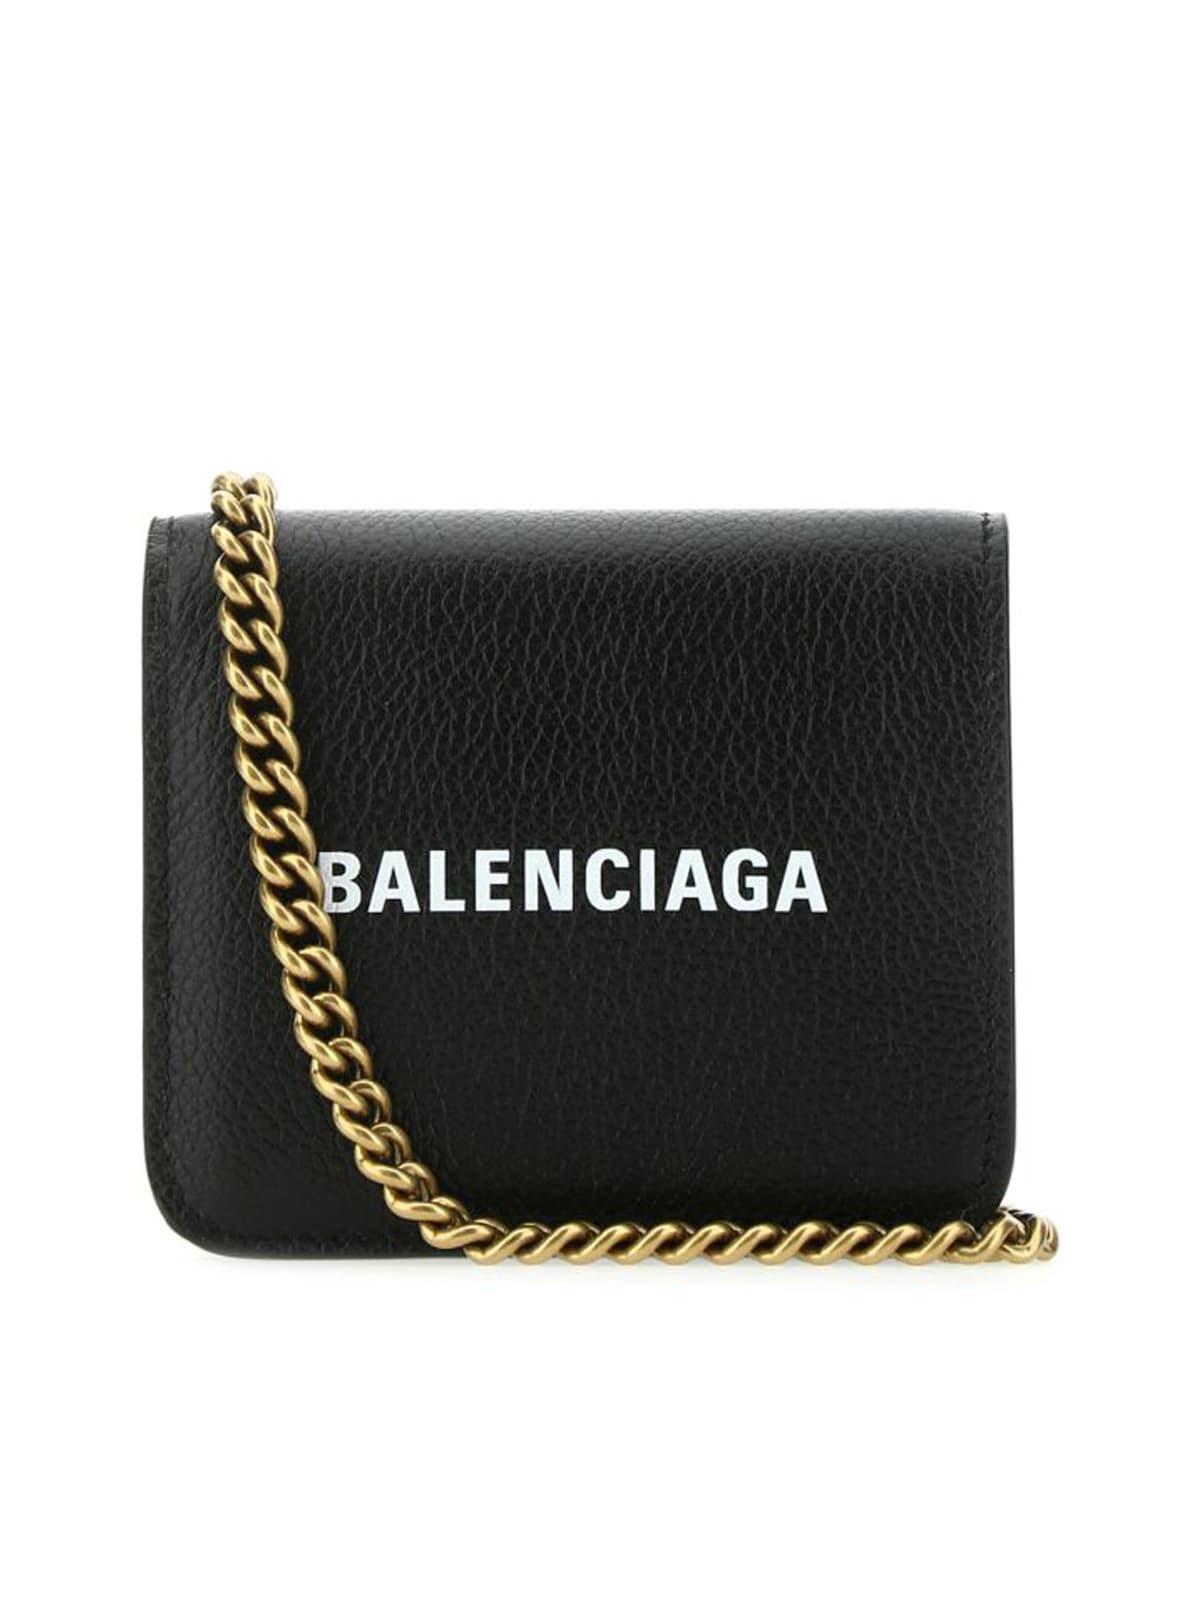 Balenciaga Cash Flap Coin On Chain